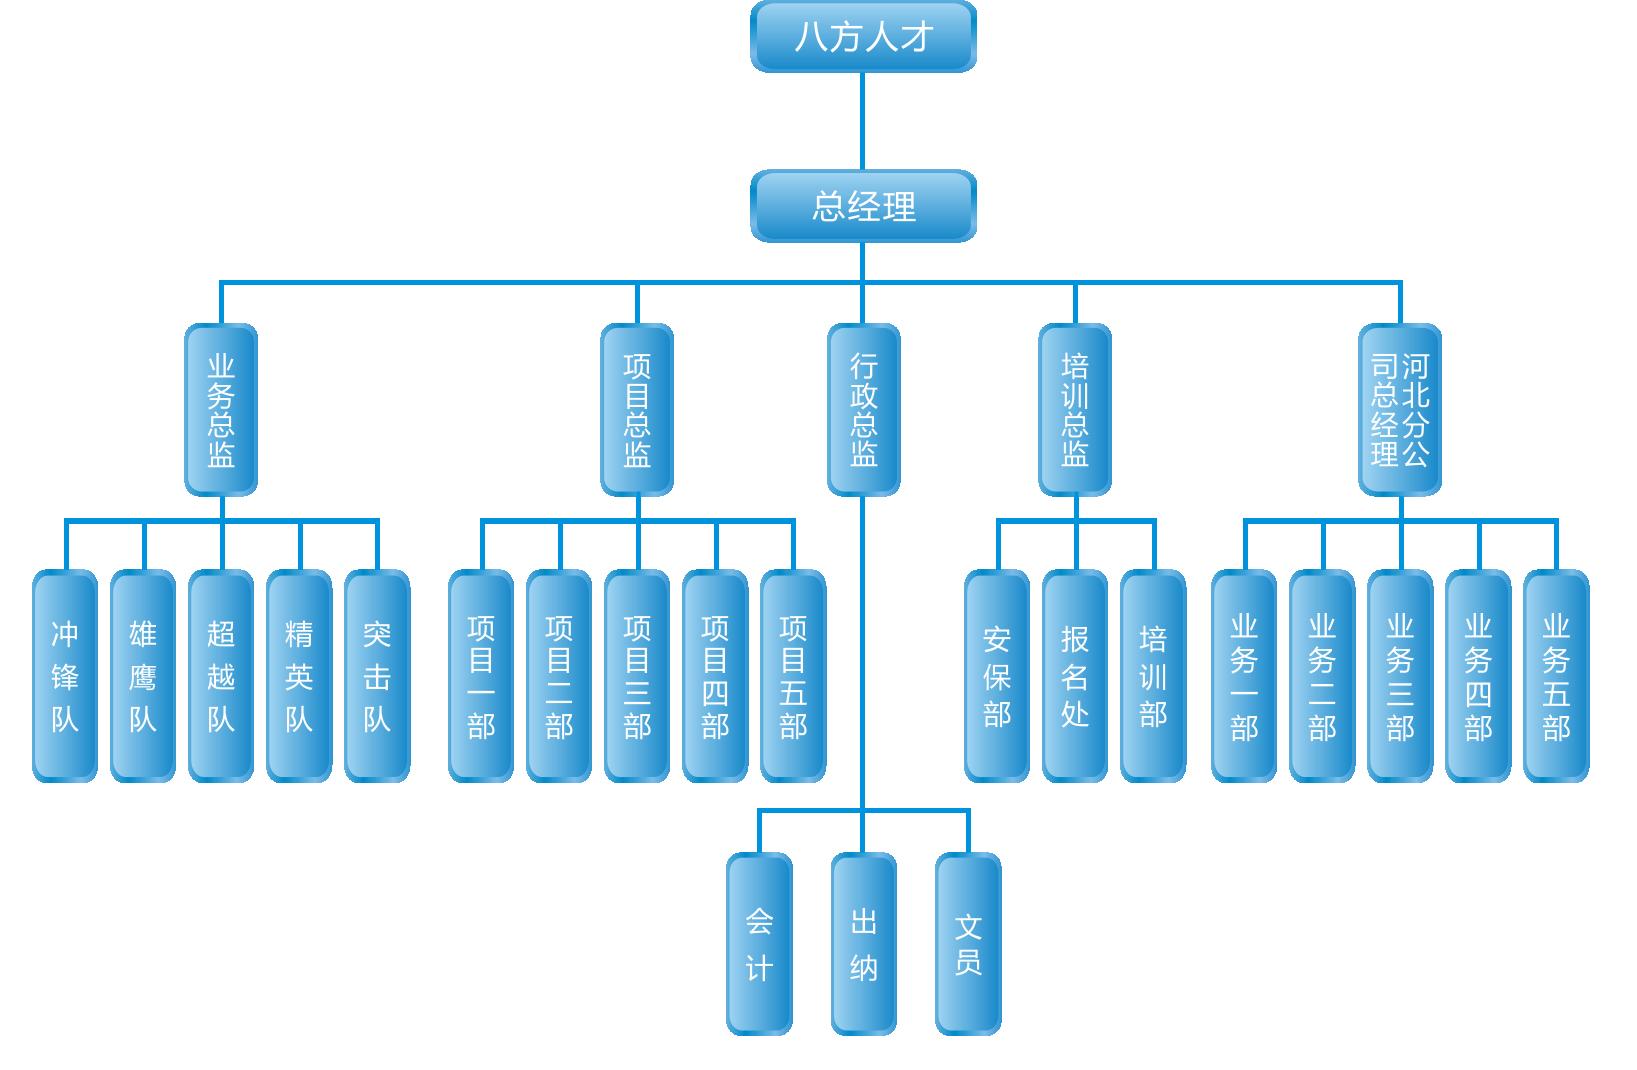 组织架构表格.png